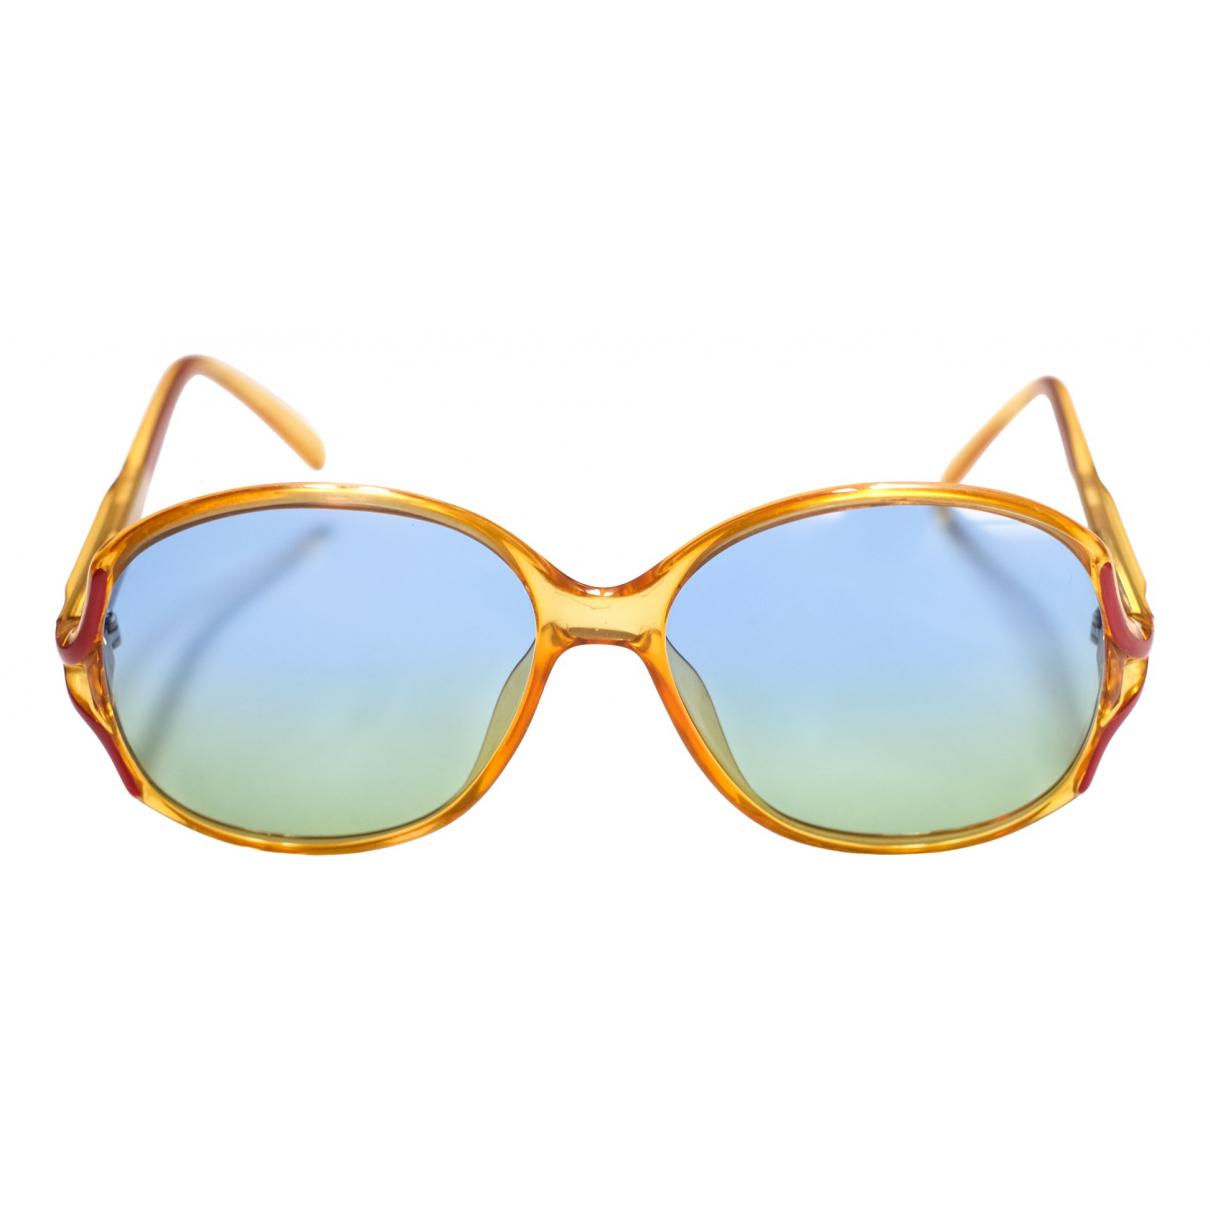 Christian Dior - Lunettes   pour femme - jaune